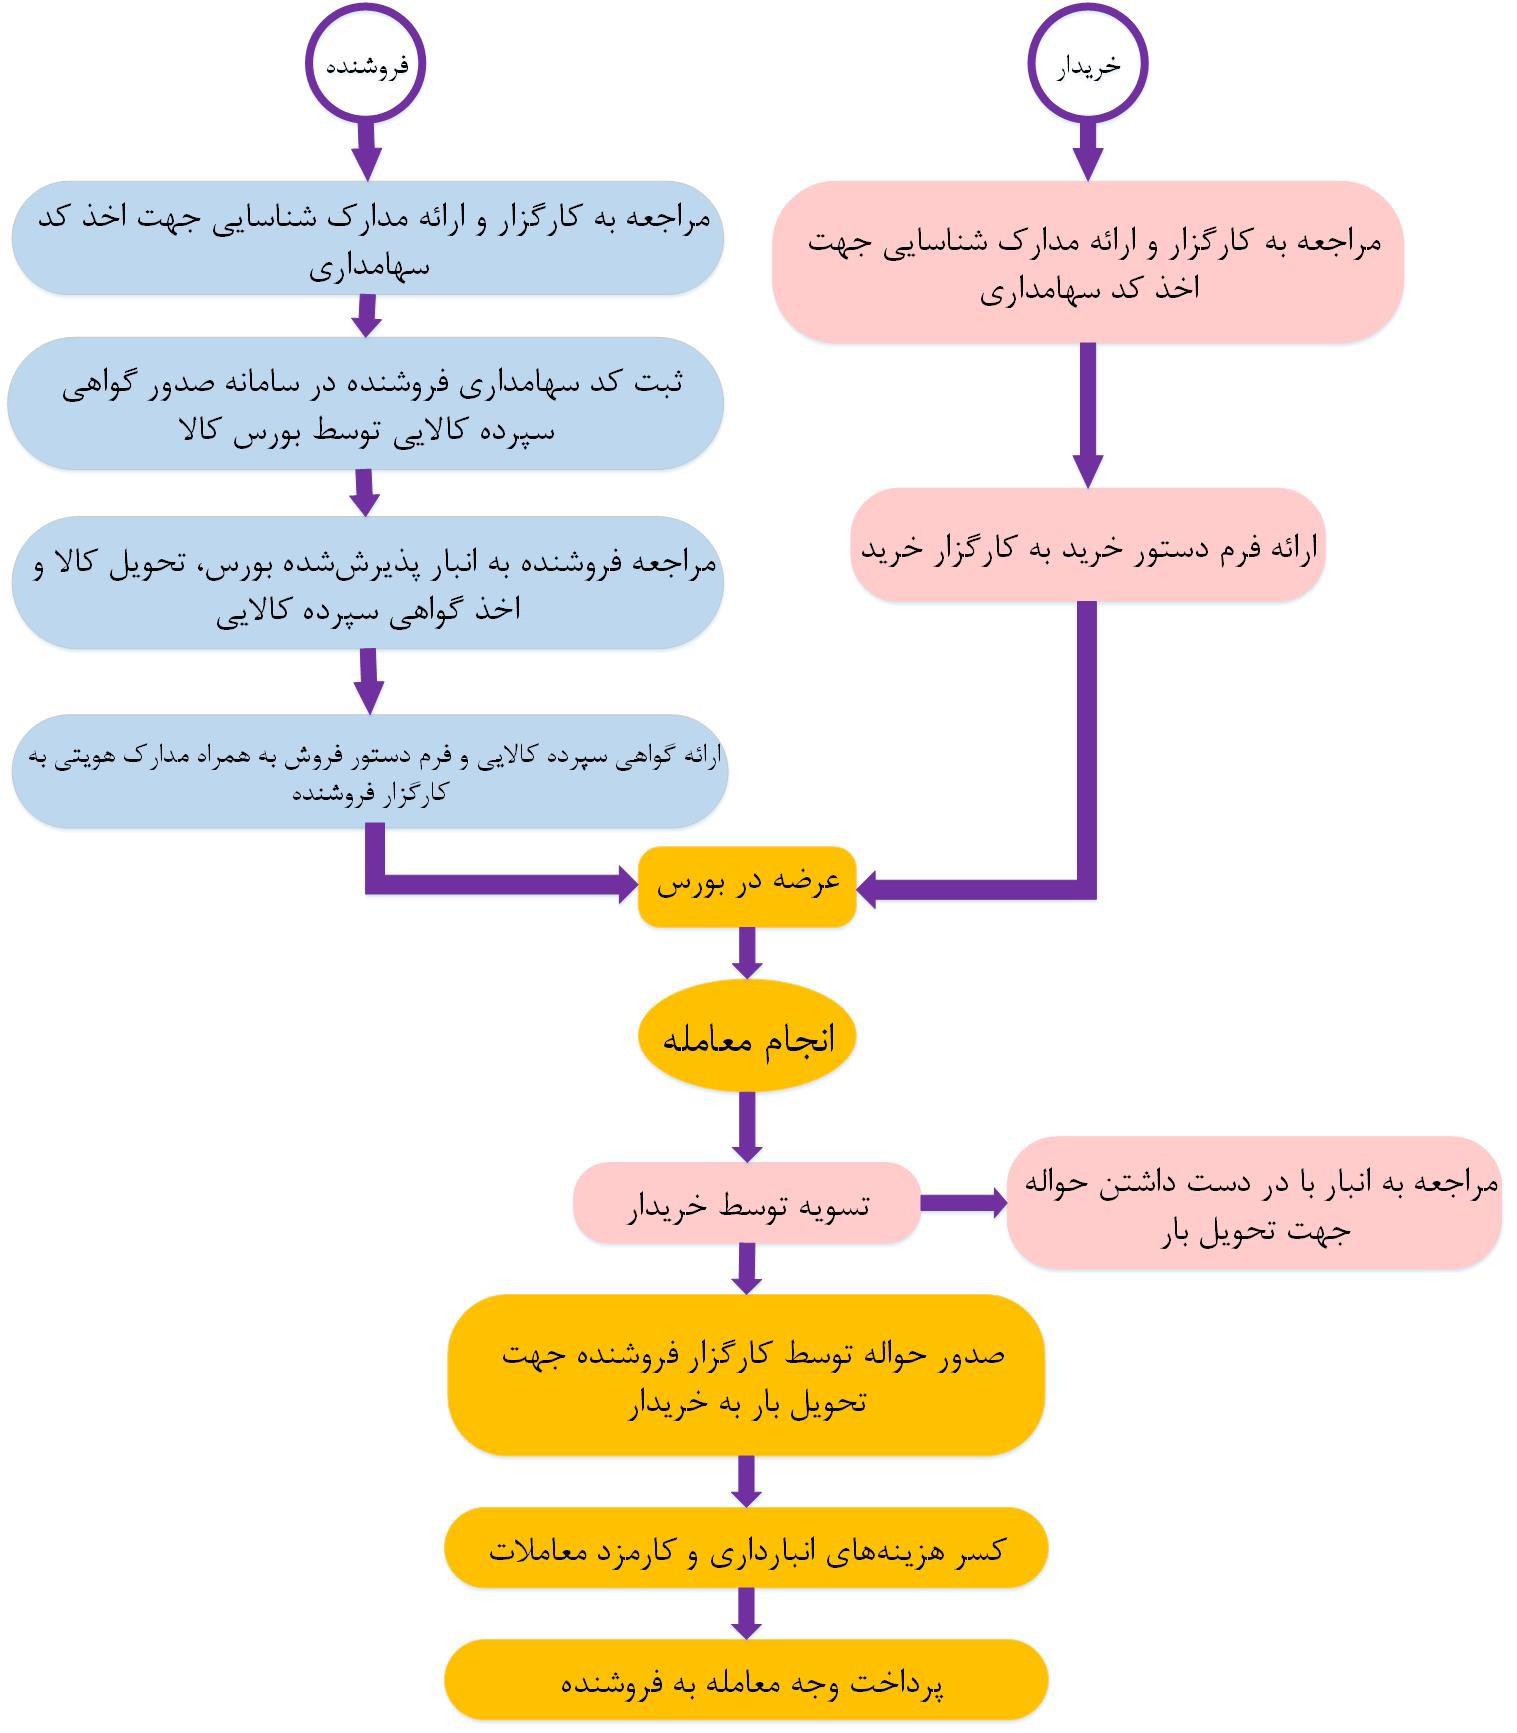 گواهی سپرده کالا در بورس کالای ایران